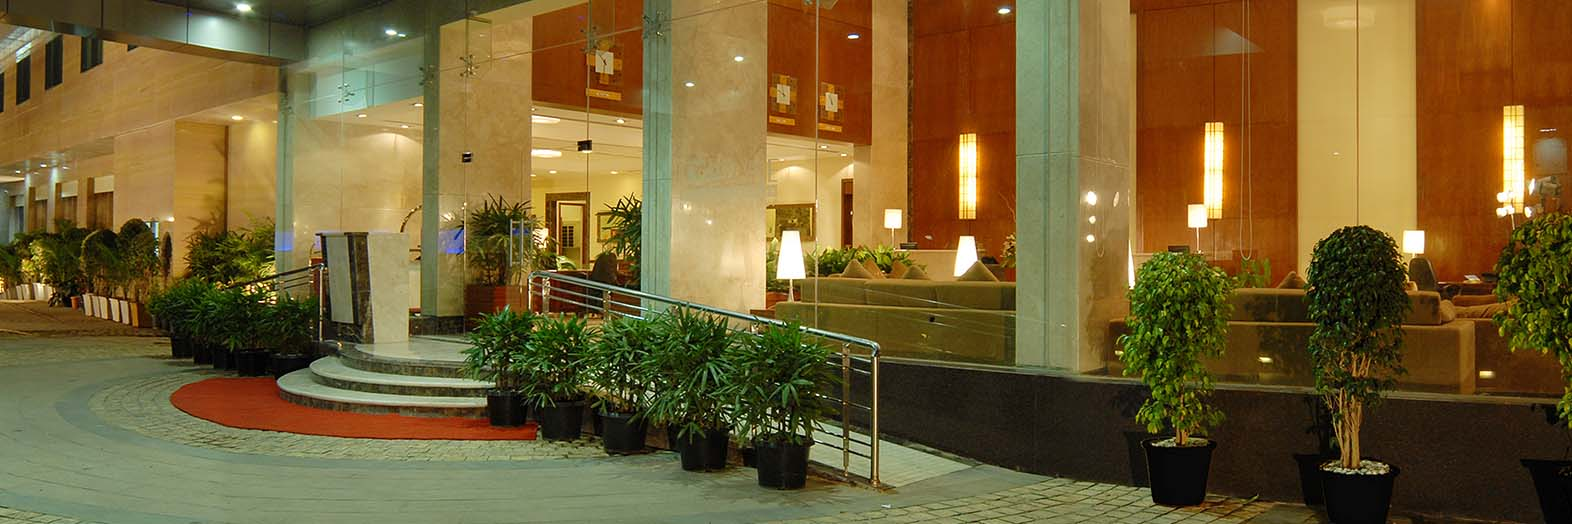 Fortune Select JP Cosmos, Bengaluru